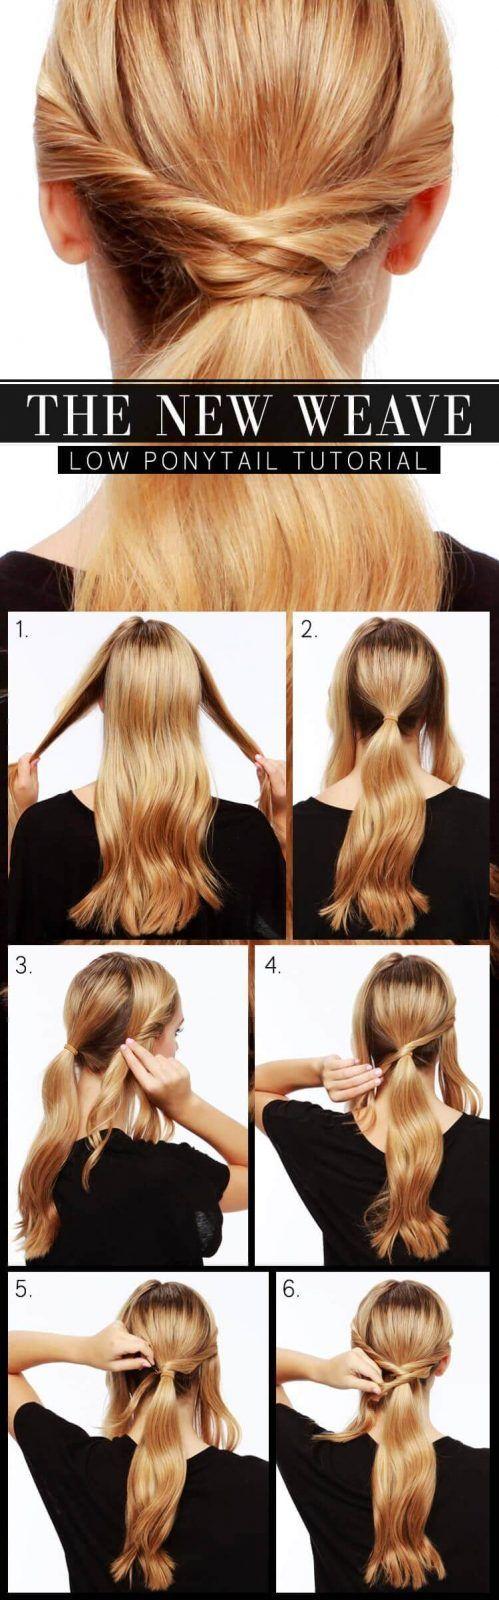 Der verflechtete Pferdeschwanz - festliche Haartrends